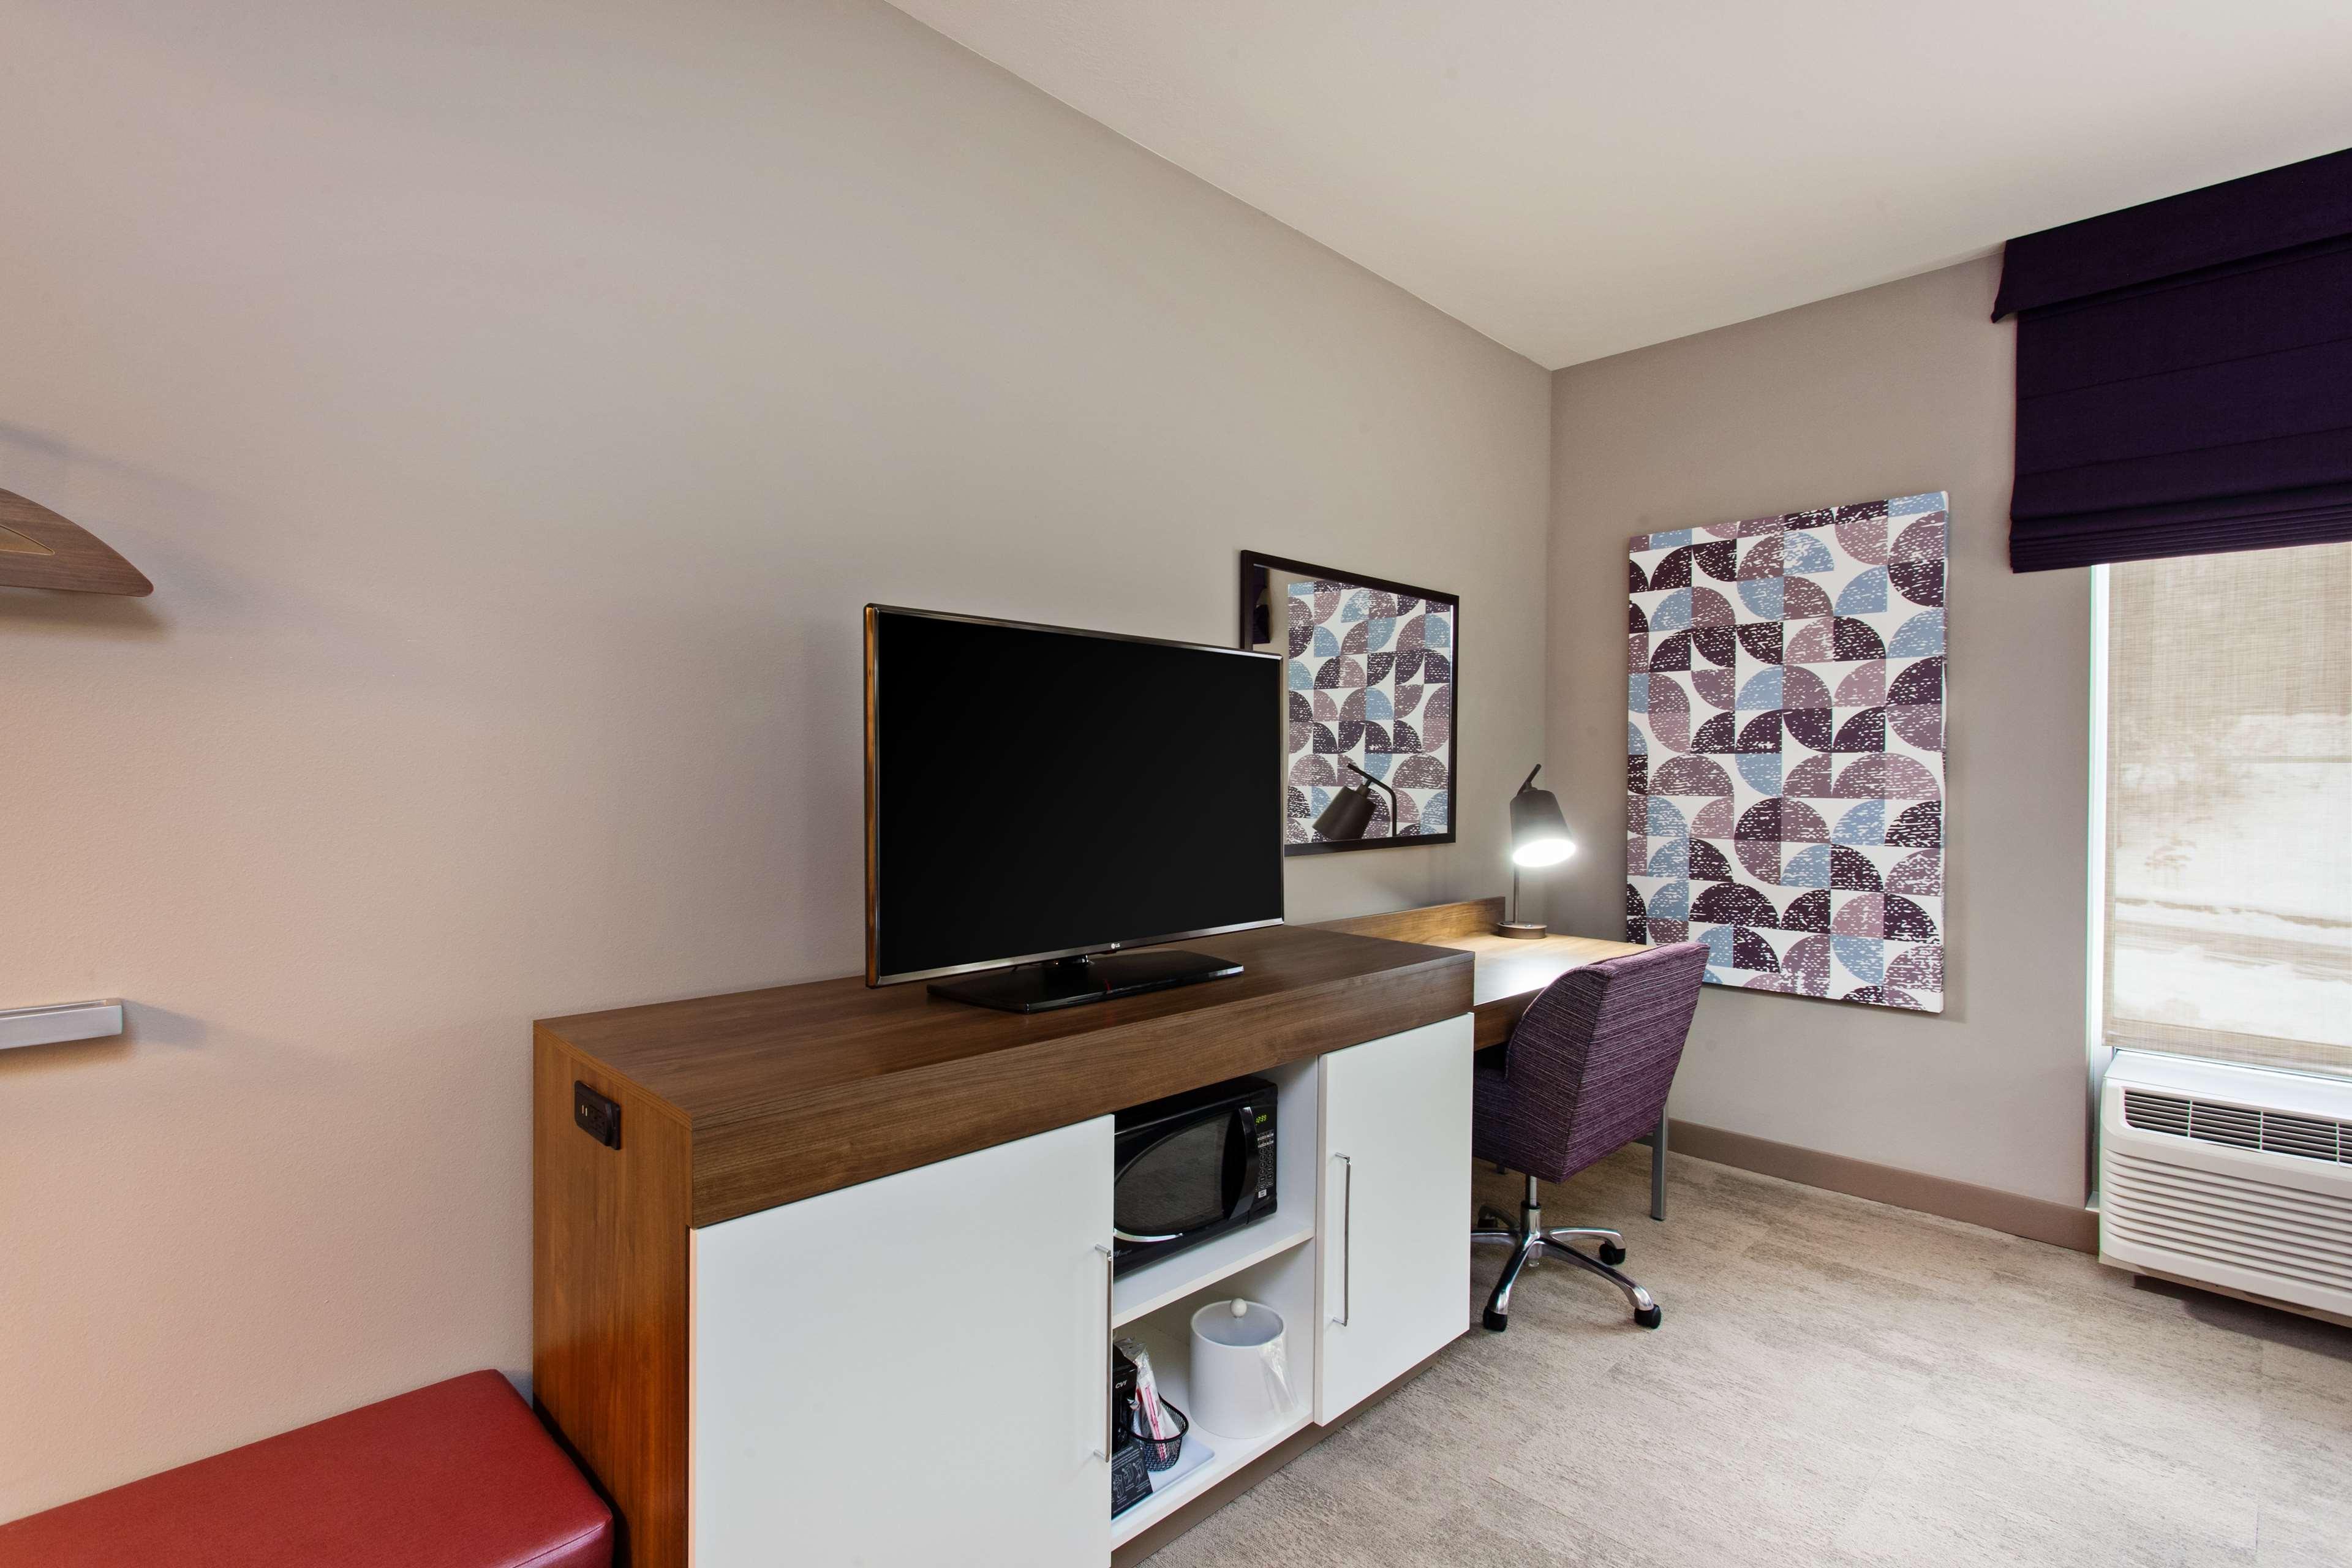 Hampton Inn & Suites Leavenworth image 18